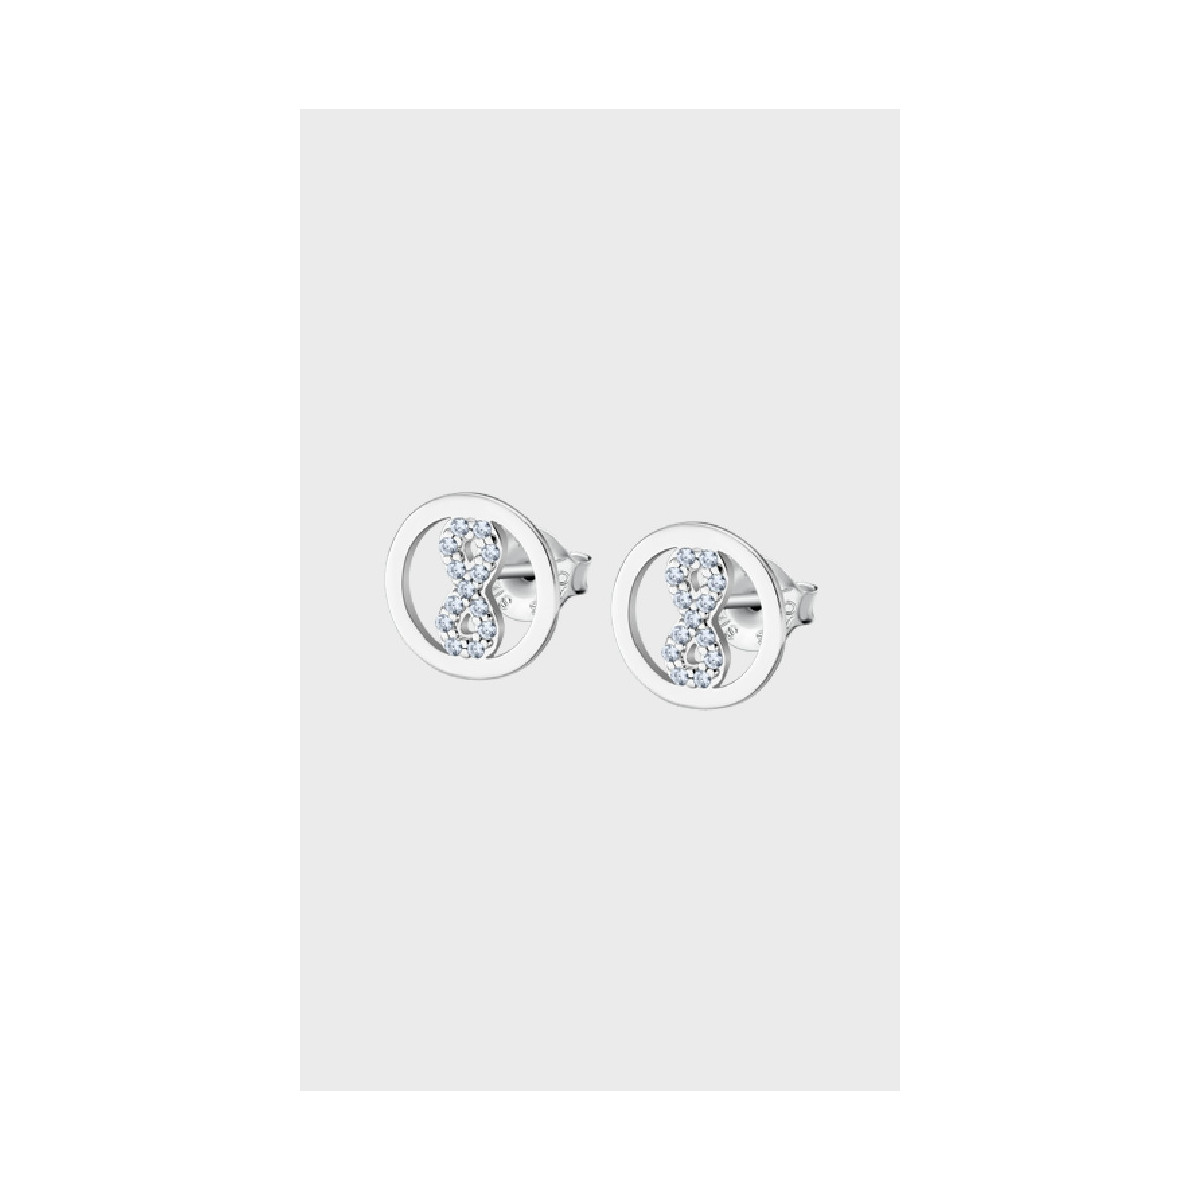 Lotus Silver Pendiente Sra.infinito.12mm - LP1768-4/3